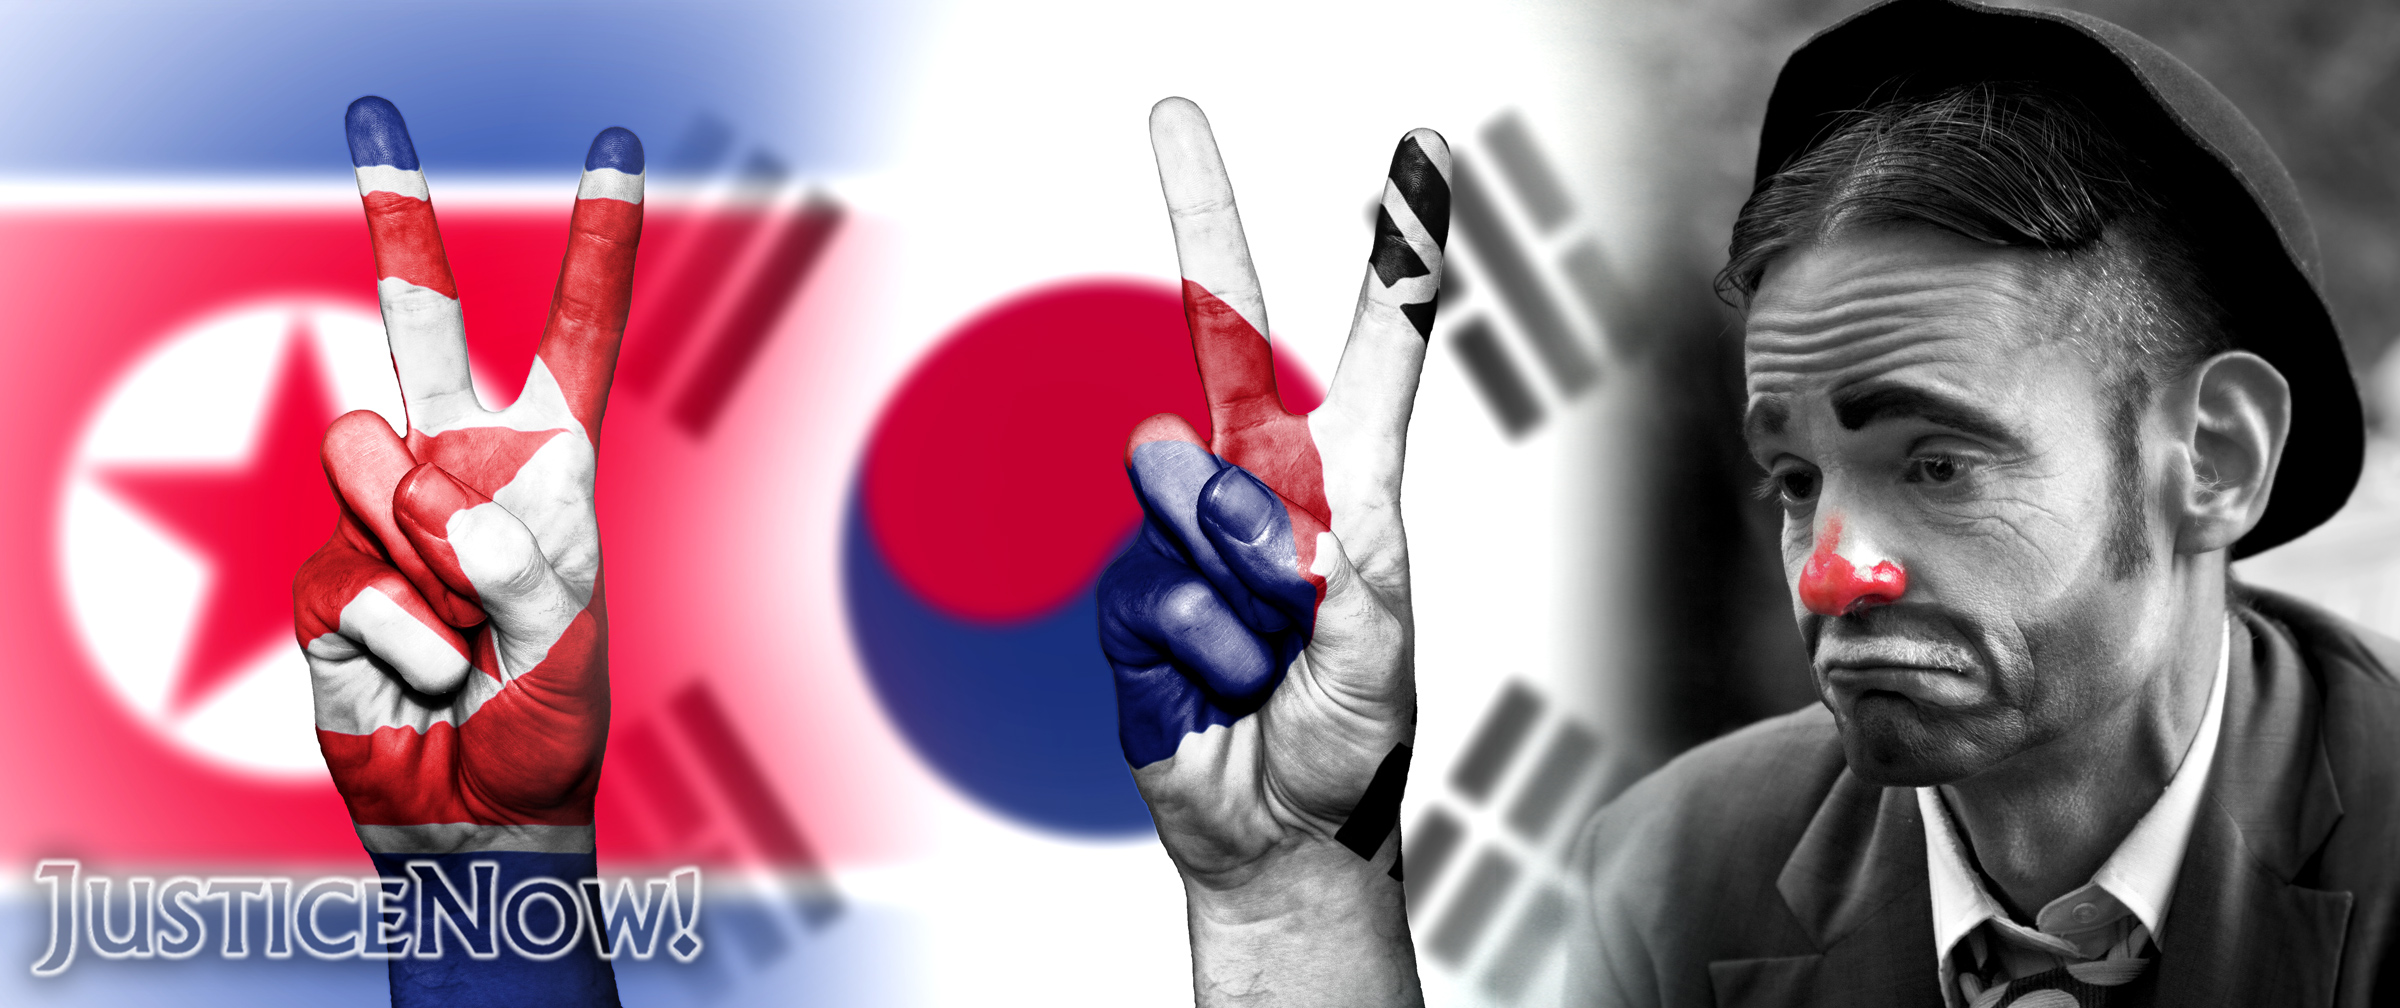 Drohender Ausbruch des Korea-Friedens – Rüstungs-Aktionäre in großer Sorge!